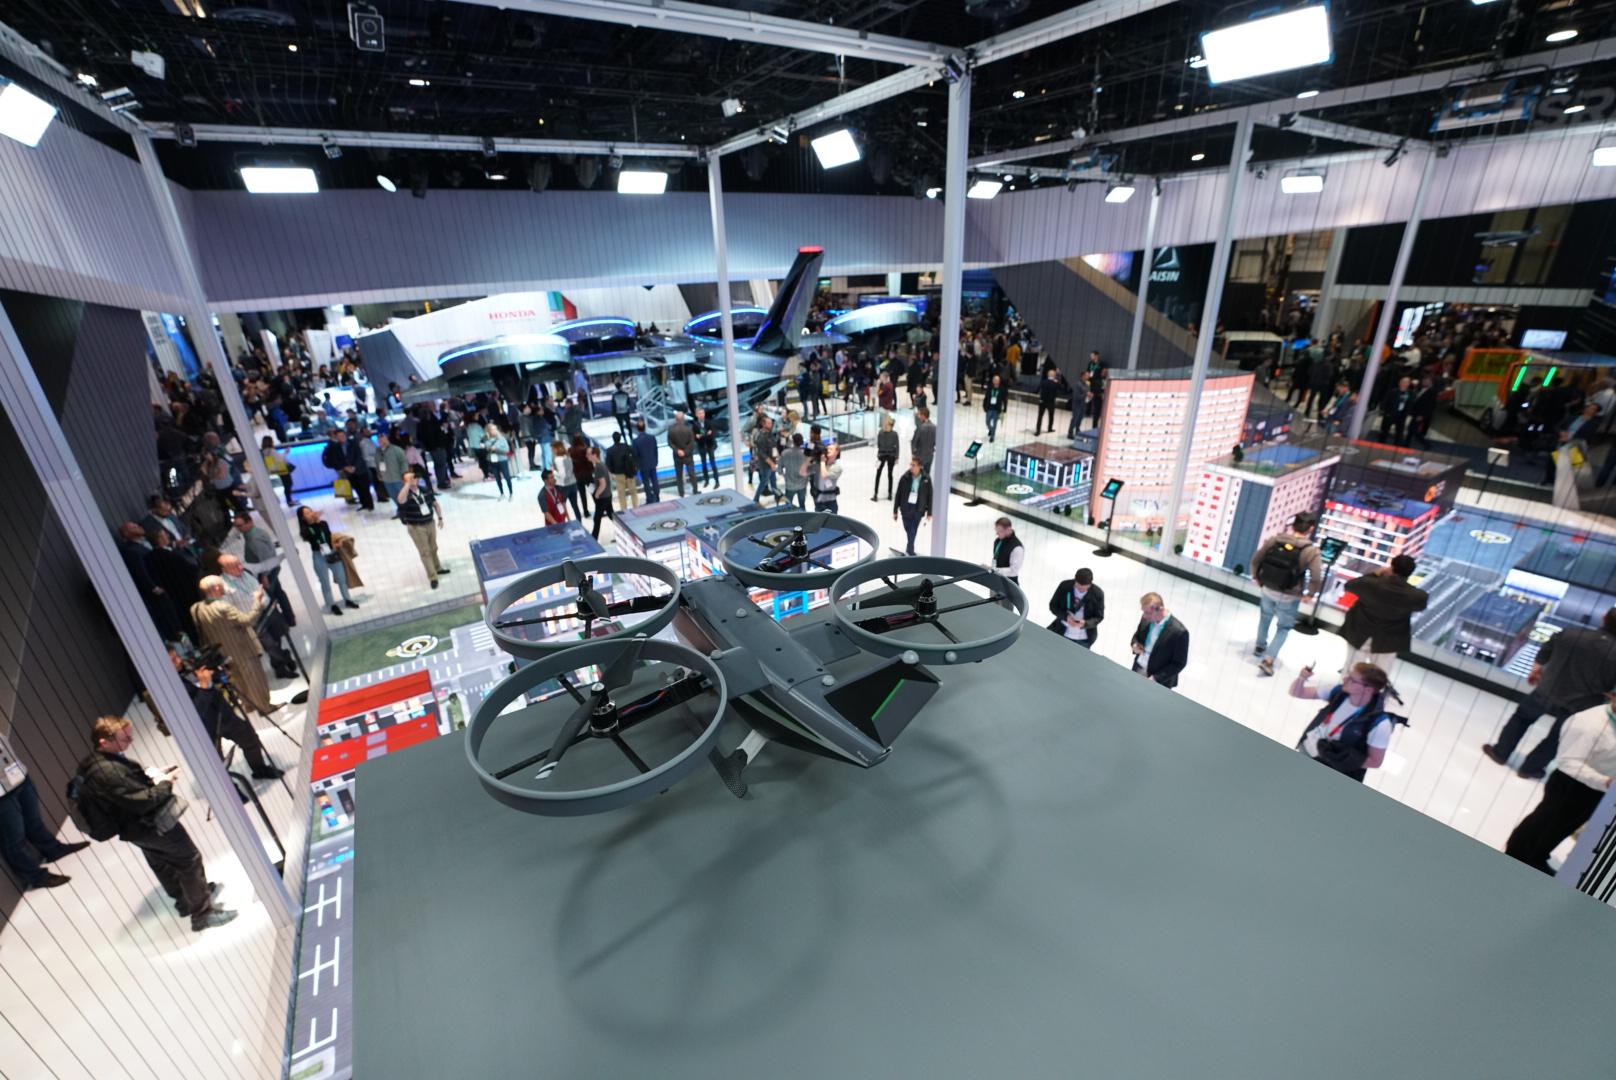 Visão aérea do estande da Bell na CES 2020 com o Táxi Voador Nexus 4ex